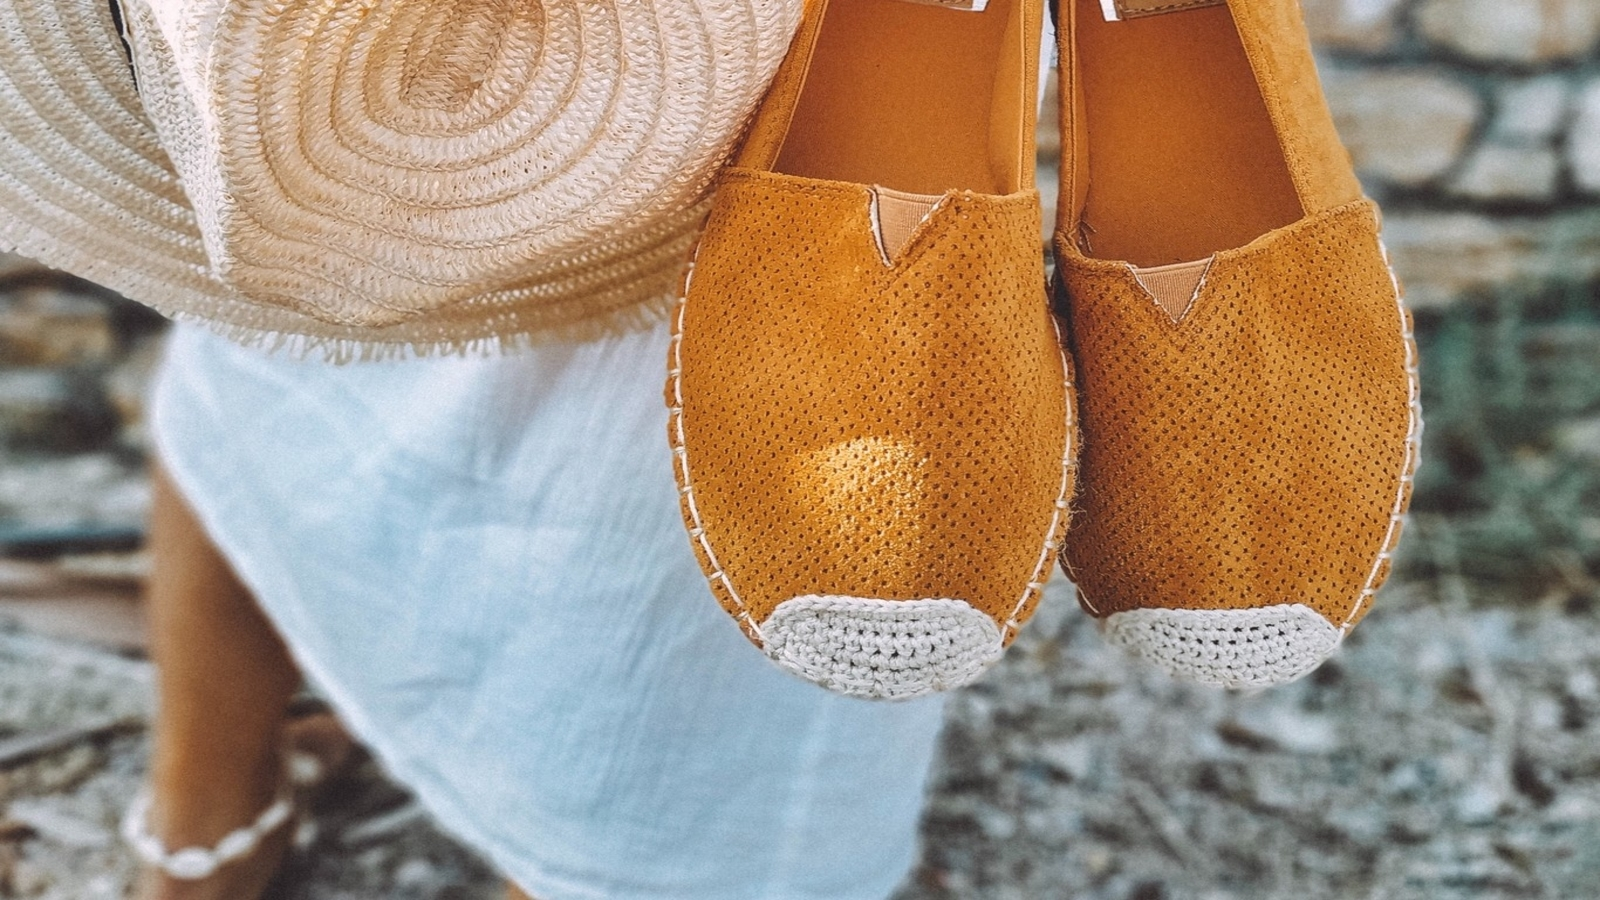 El calzado de verano que siempre está de moda, alpargatas